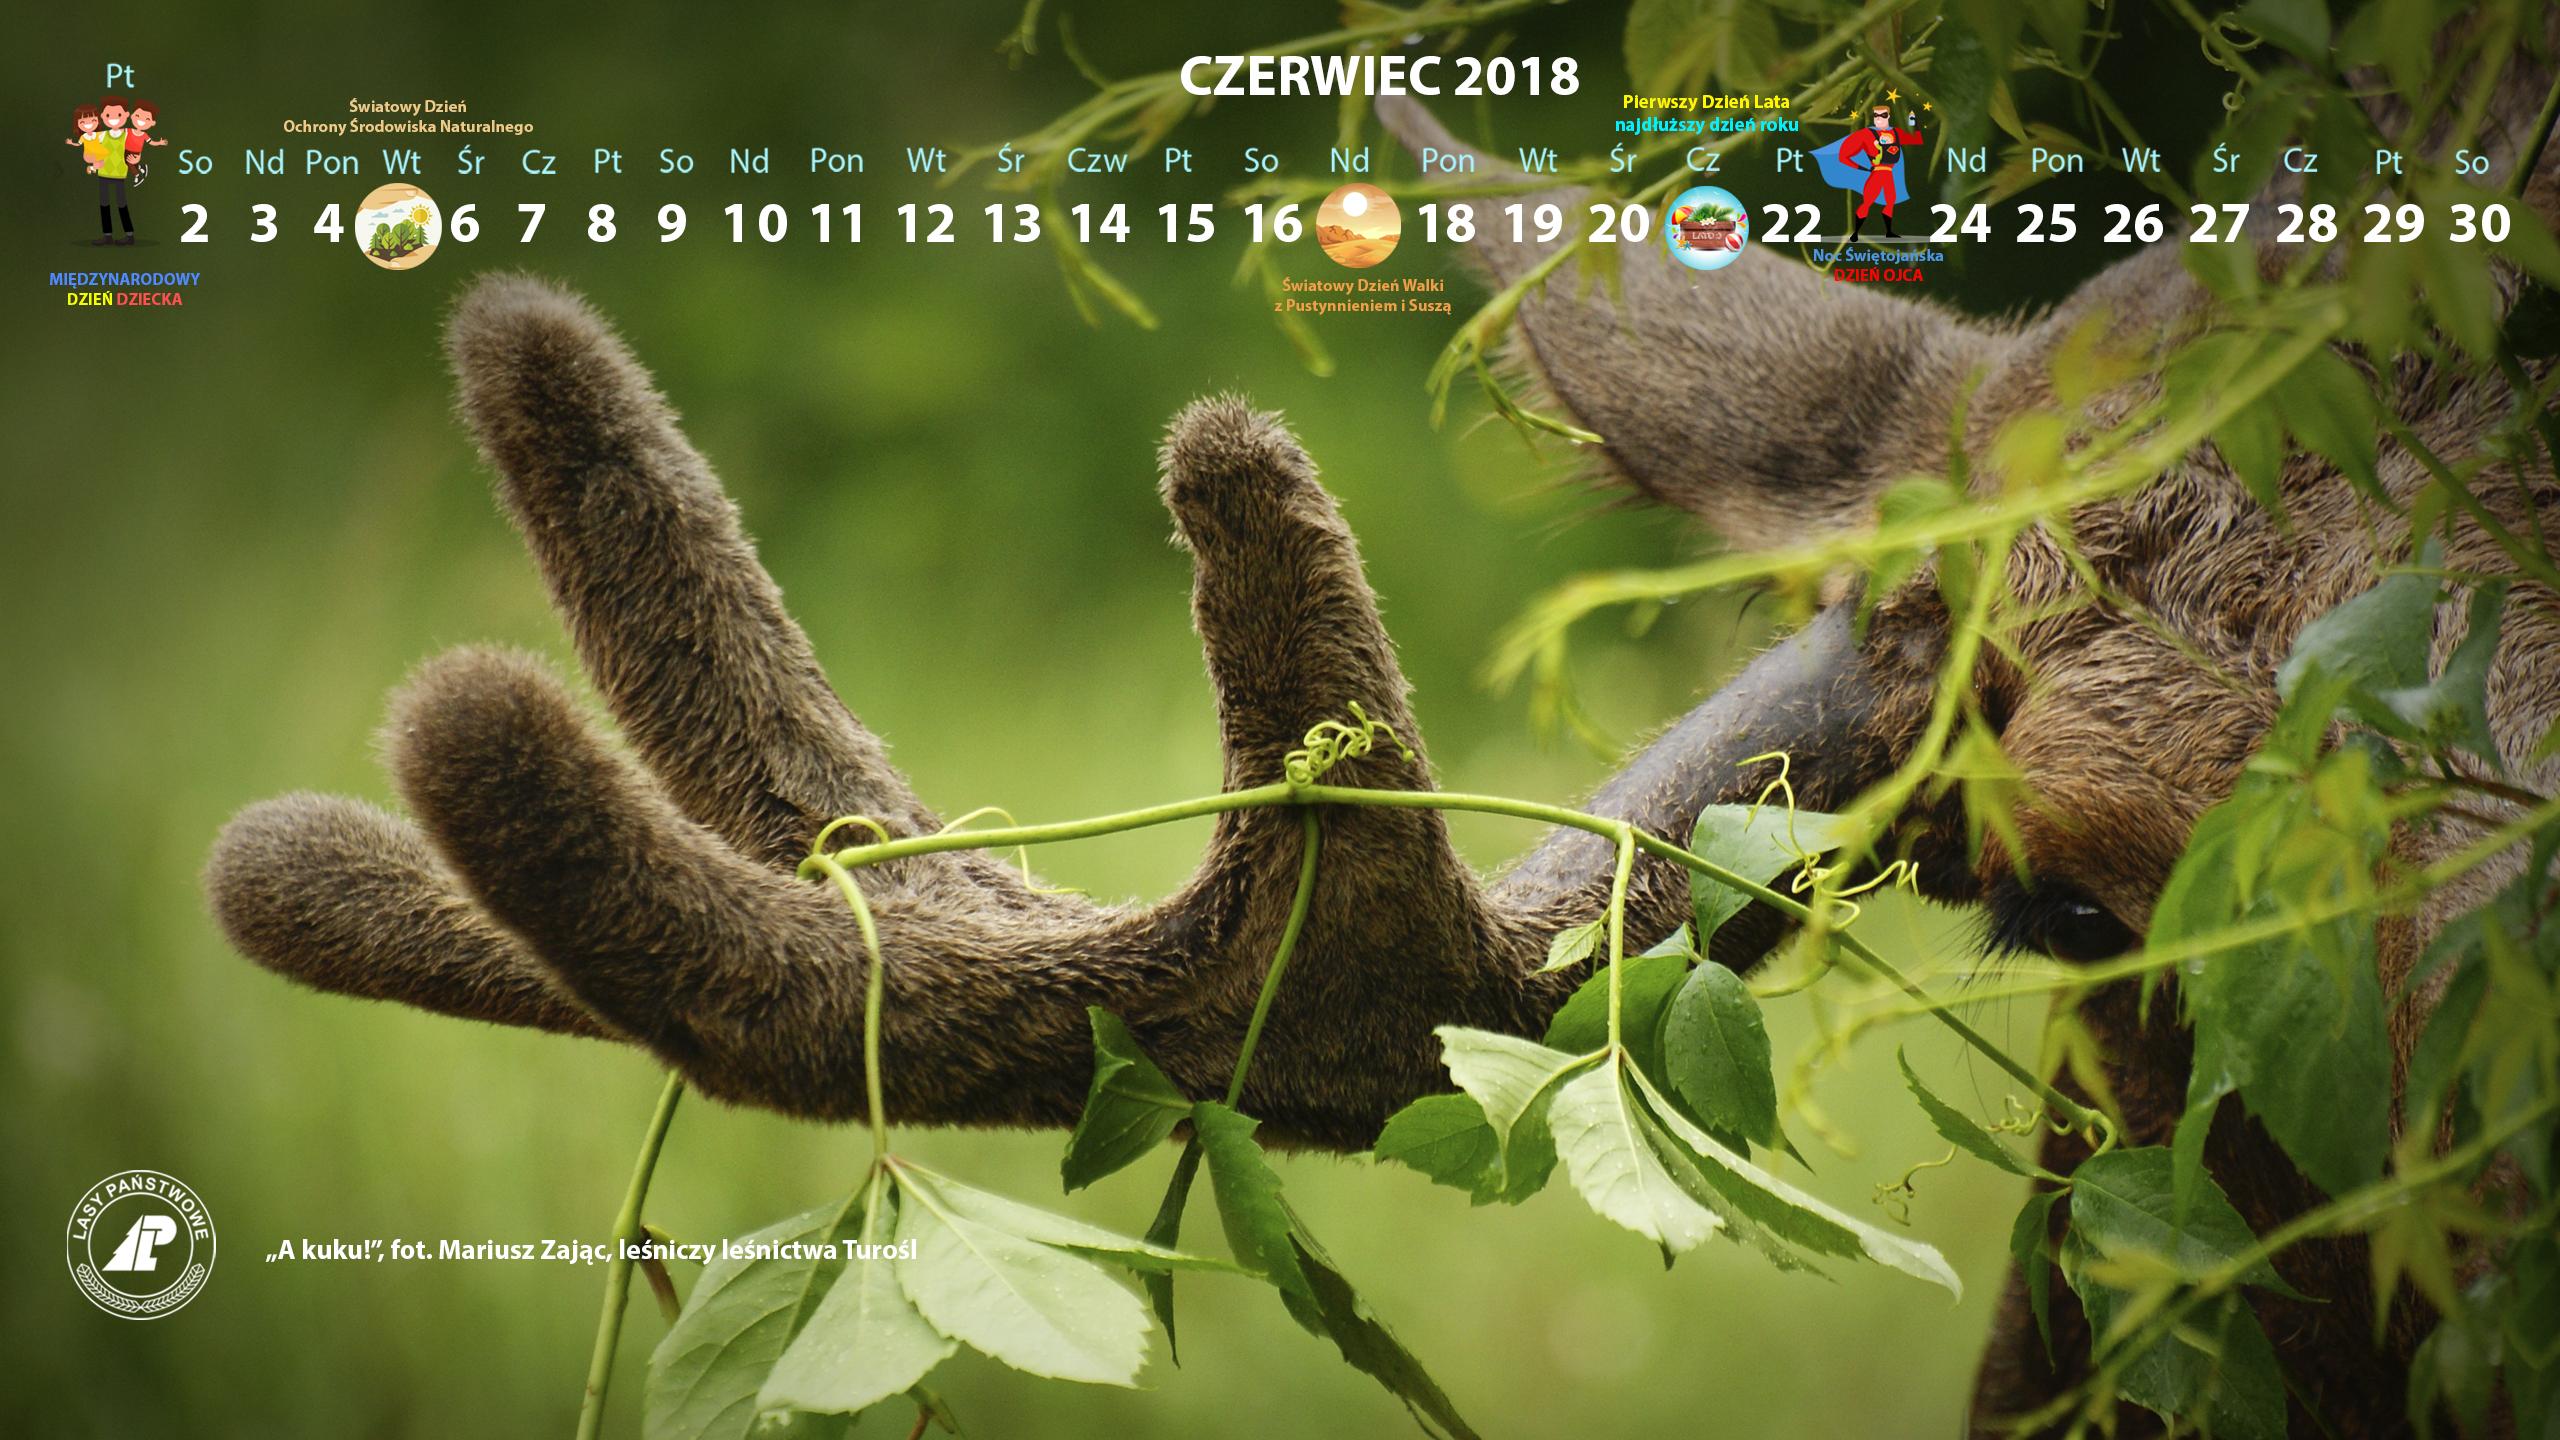 Kalendarz_czerwiec_2018_2560x1440[1].jpg